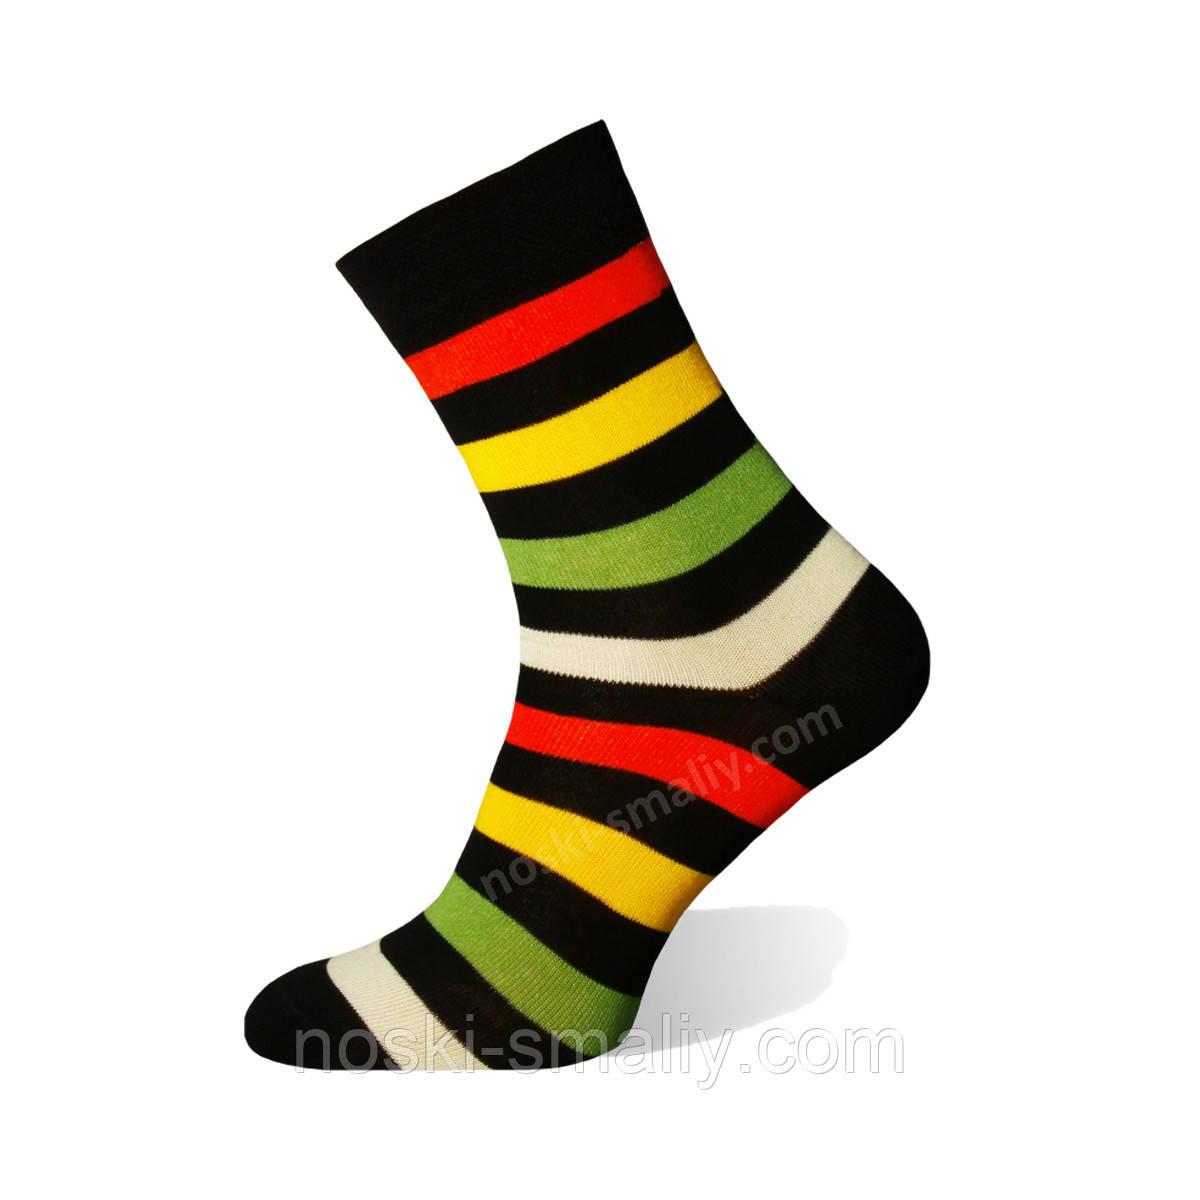 0a2bd33784963 Мужские полосатые носки весна-осень: купить по оптовым ценам от ...